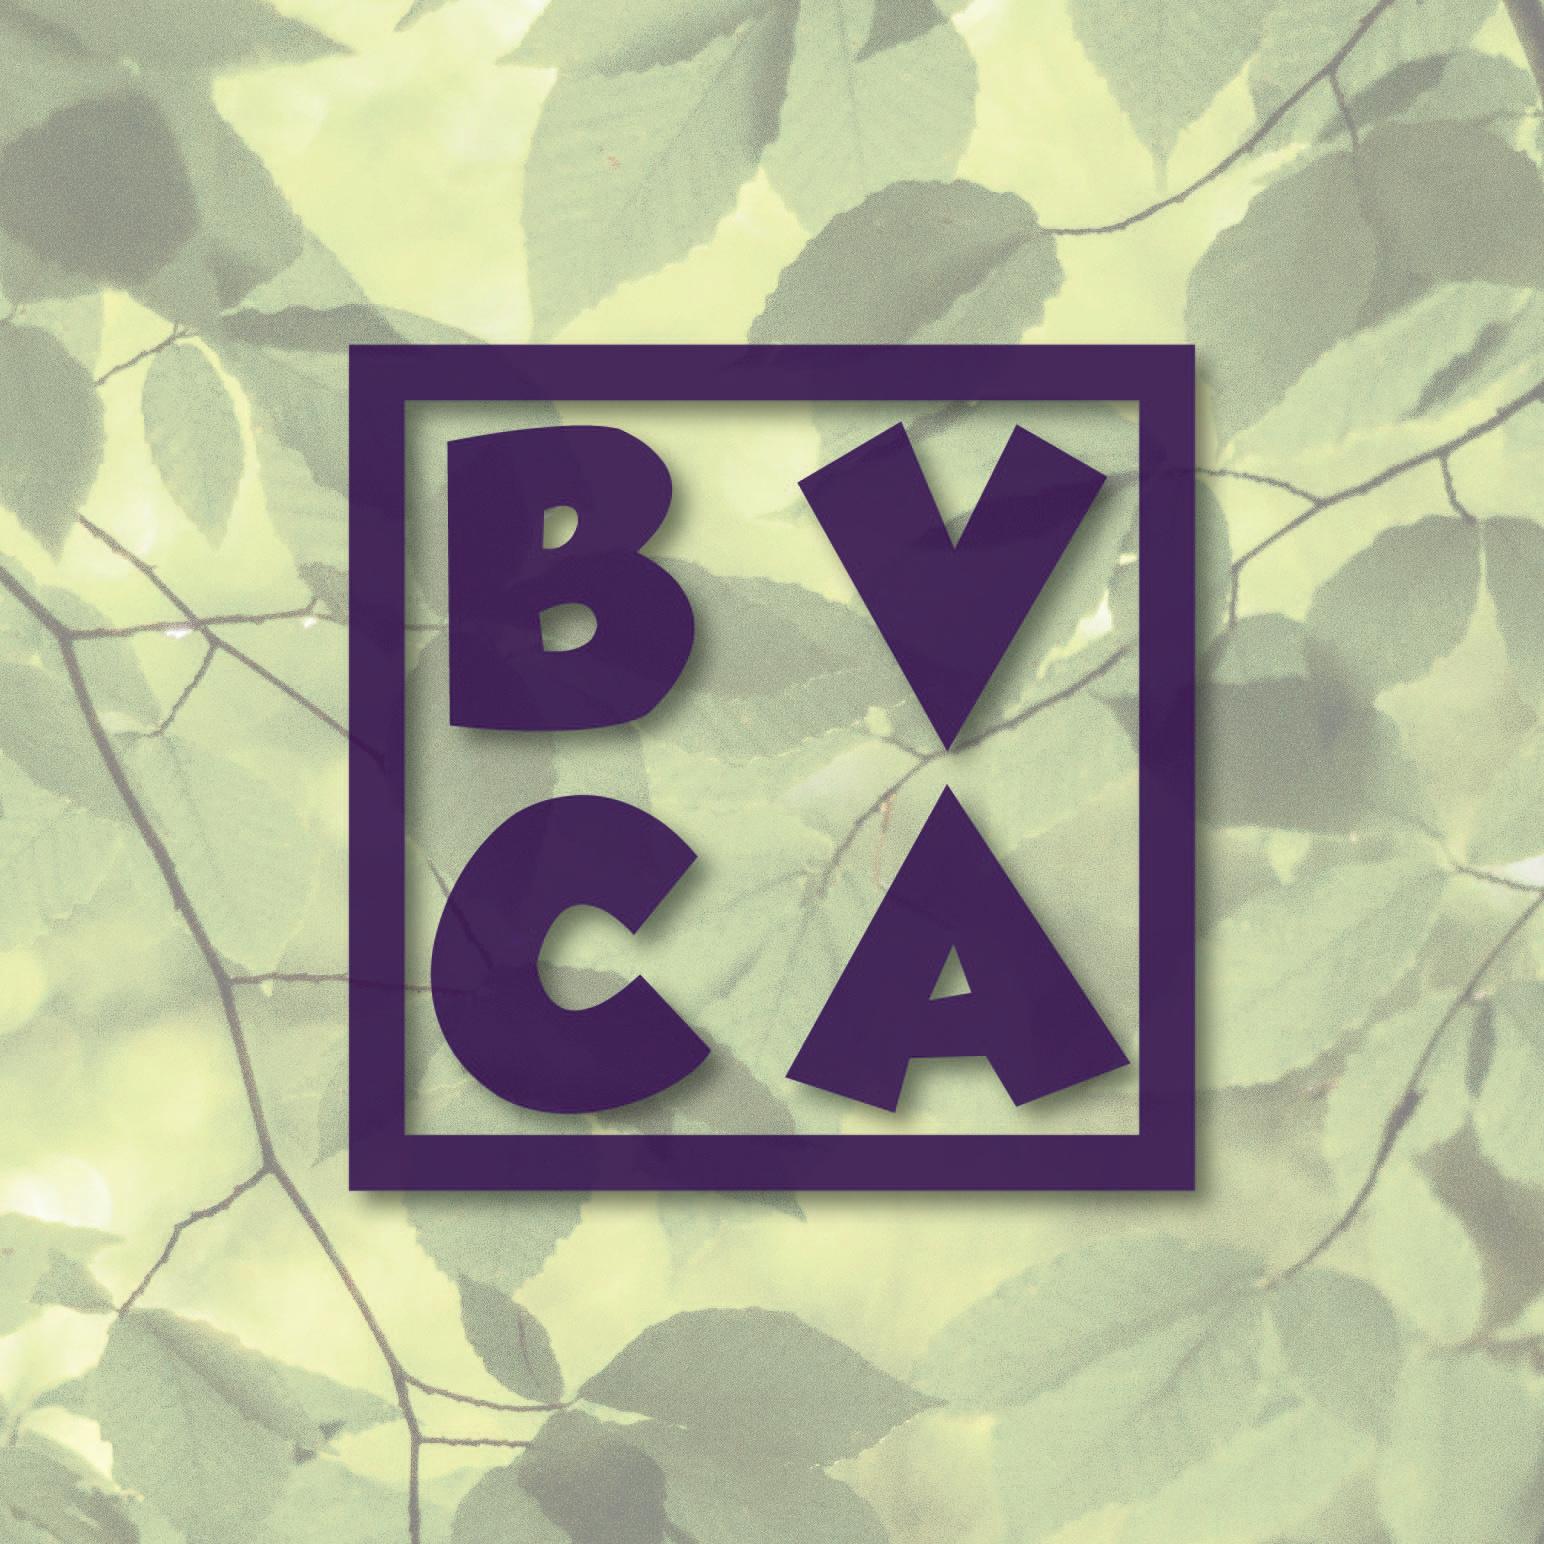 BVCA logo